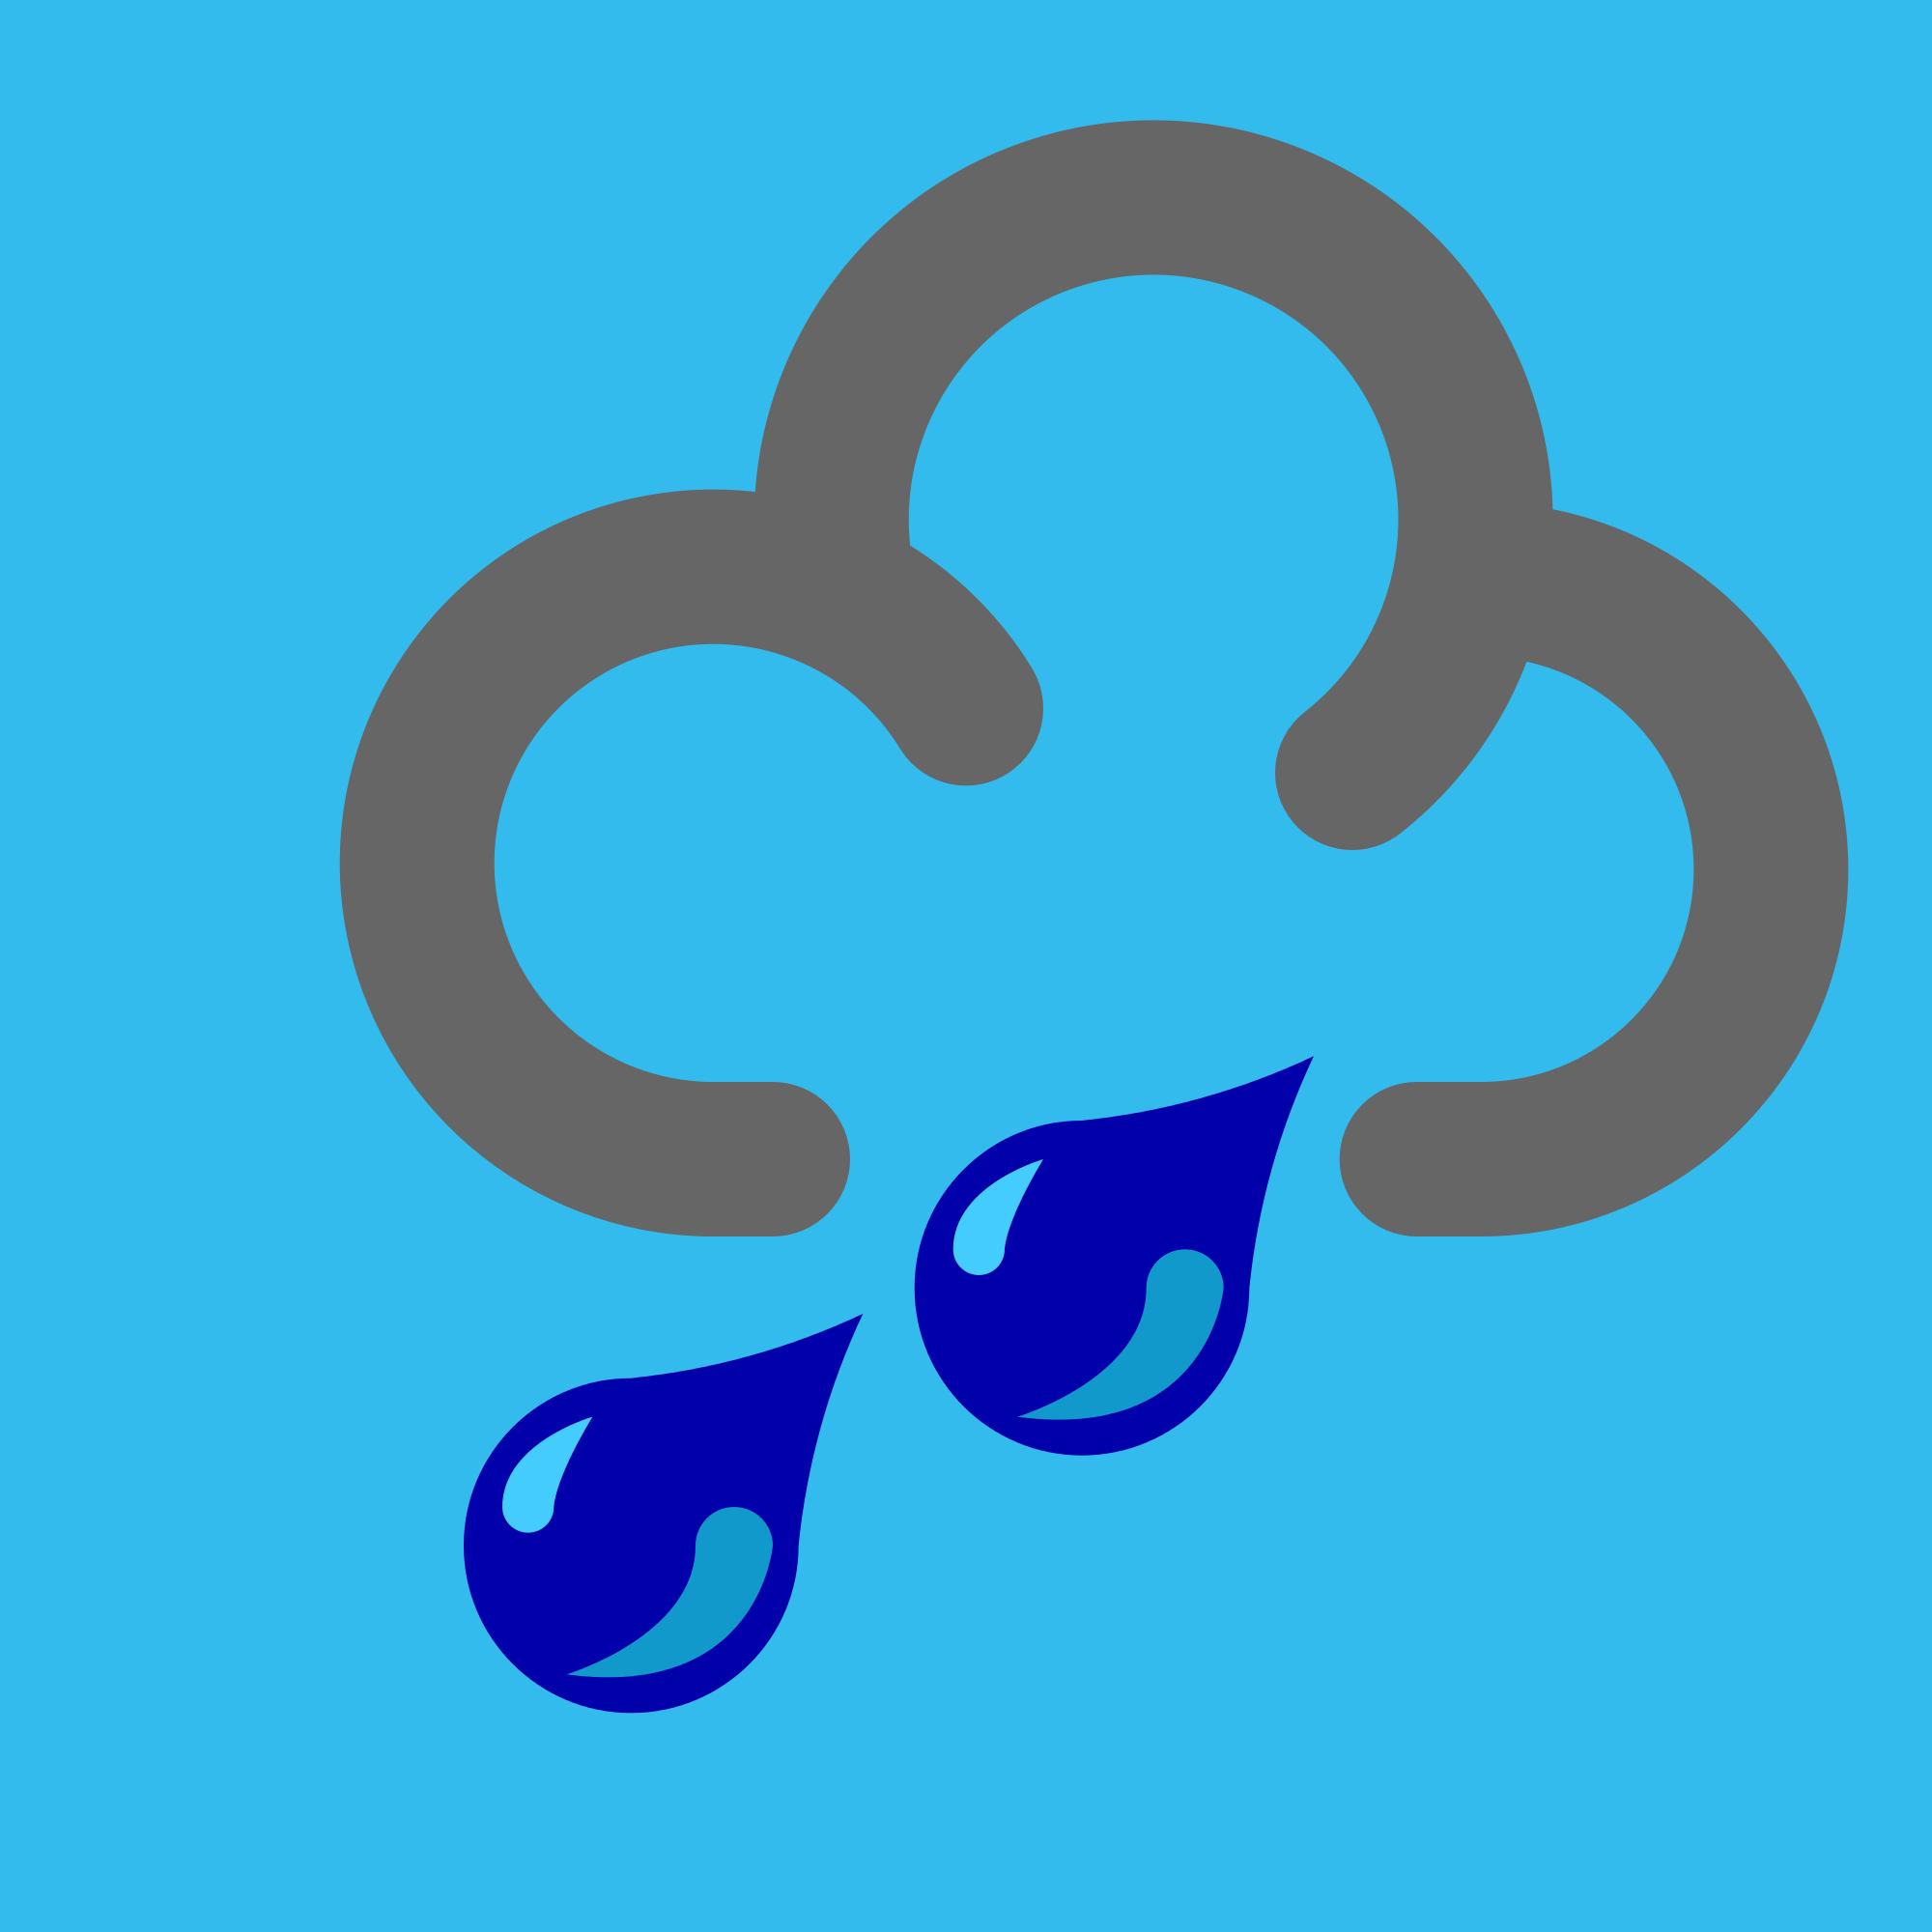 Rain svg #16, Download drawings